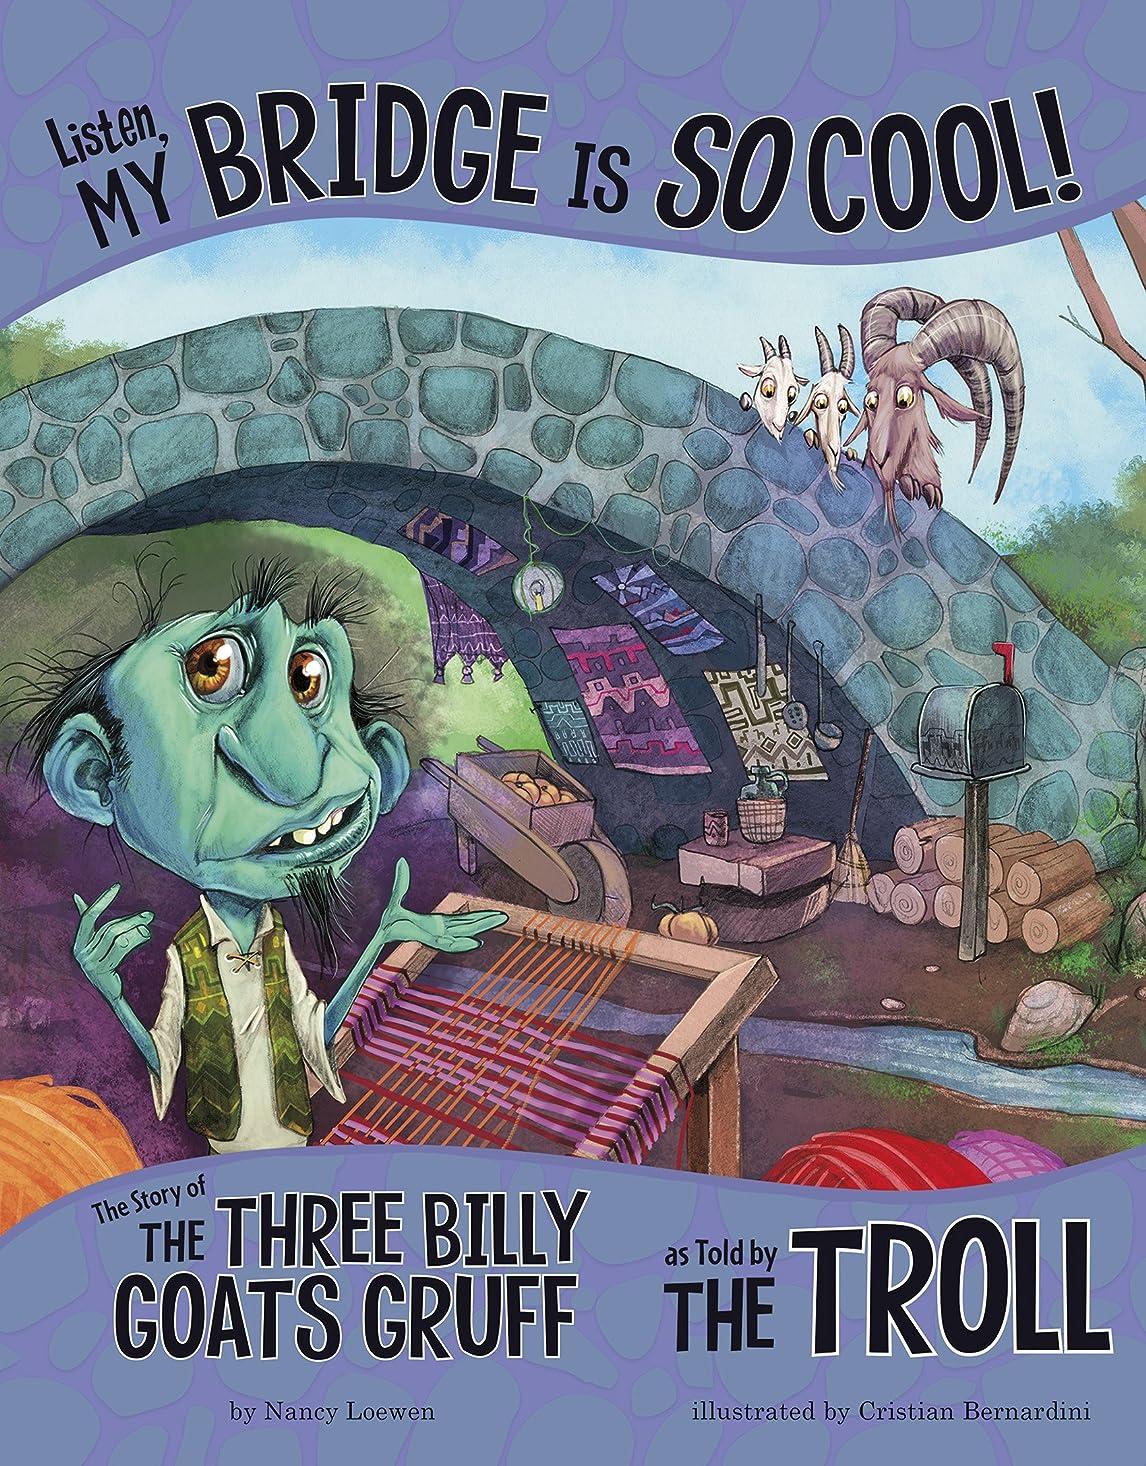 荒廃するハッチ刑務所Listen, My Bridge Is SO Cool! (The Other Side of the Story) (English Edition)